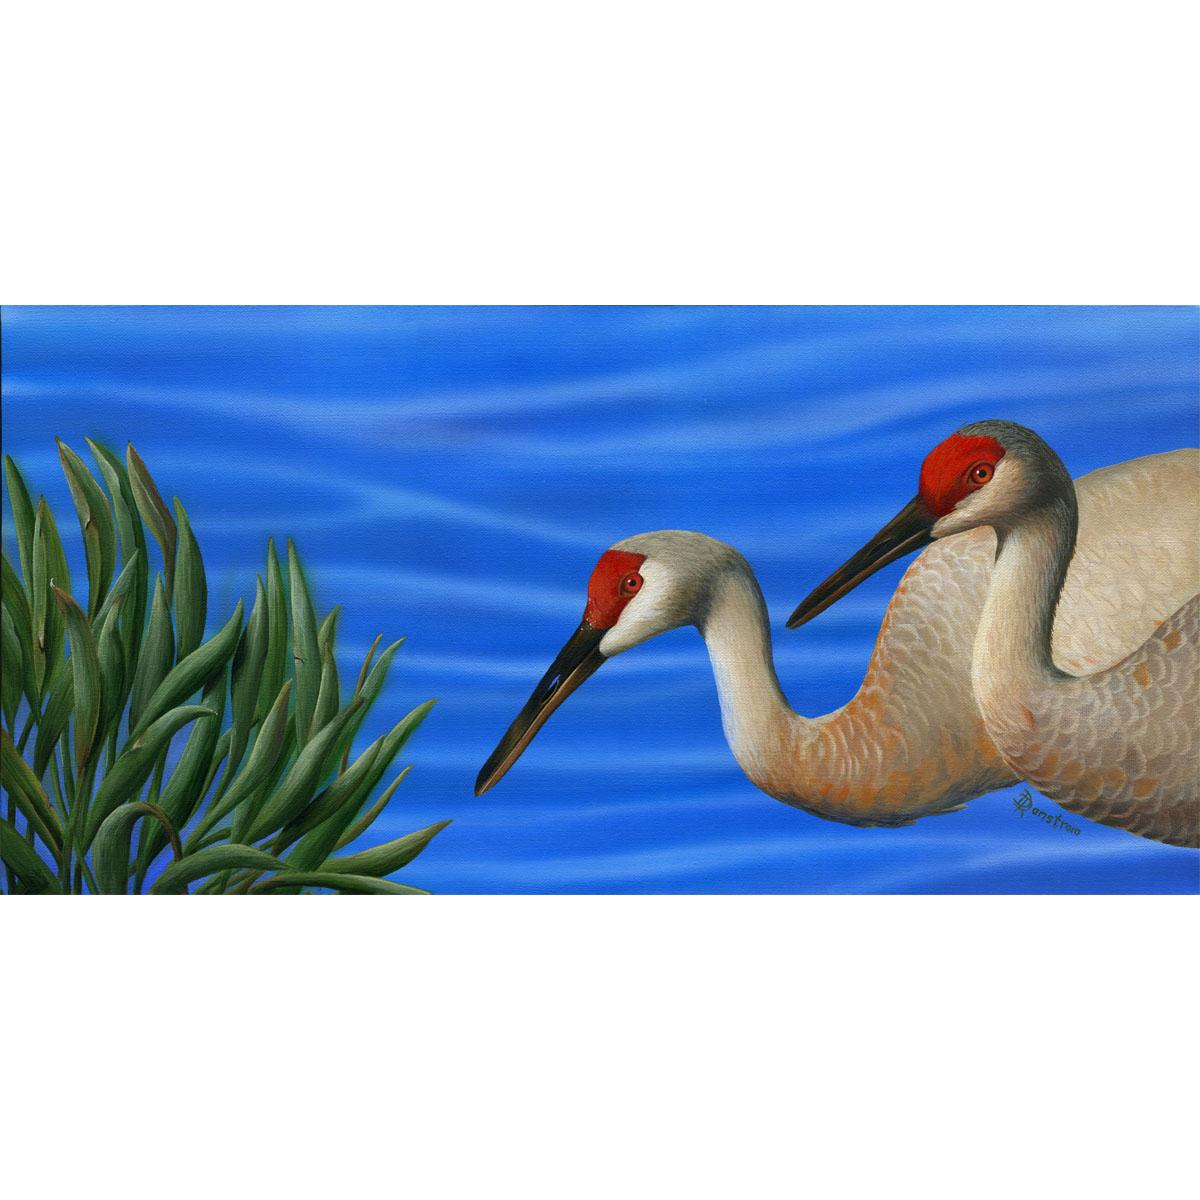 sandhill cranes image